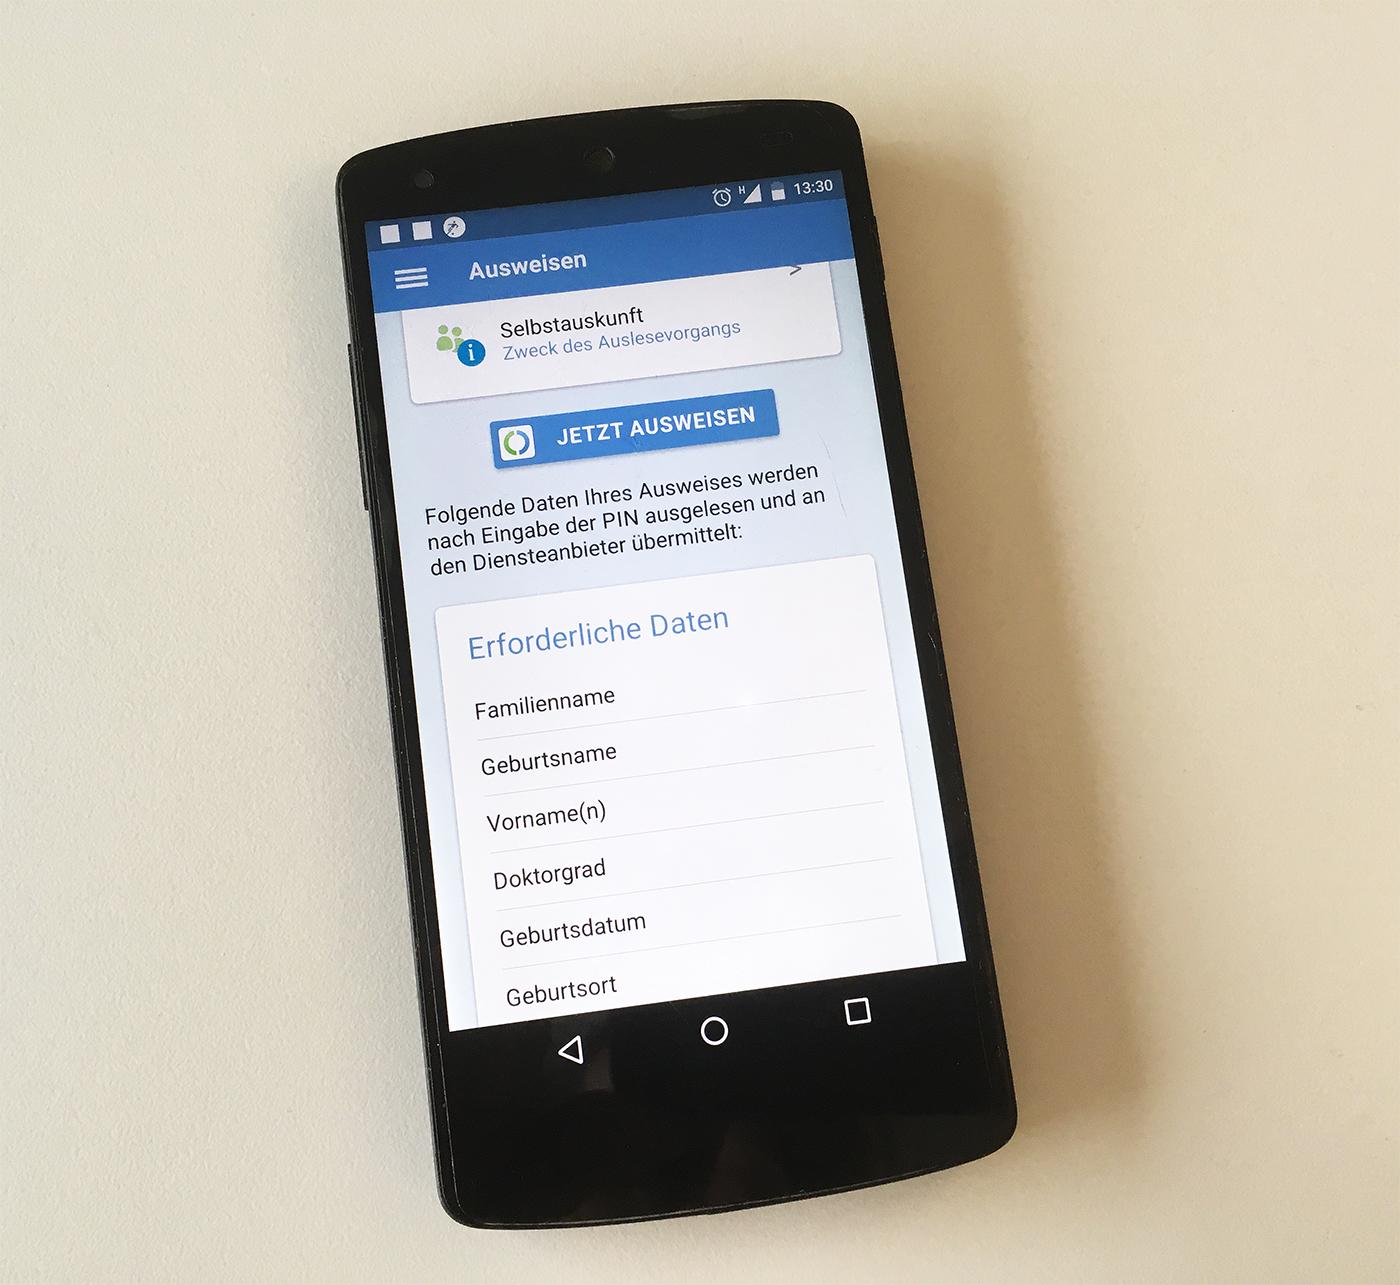 AusweisApp mobil auf einem Android-Smartphone geöffnet zur mobilen Verwendung der eID-Funktion (Online-Ausweisfunktion)